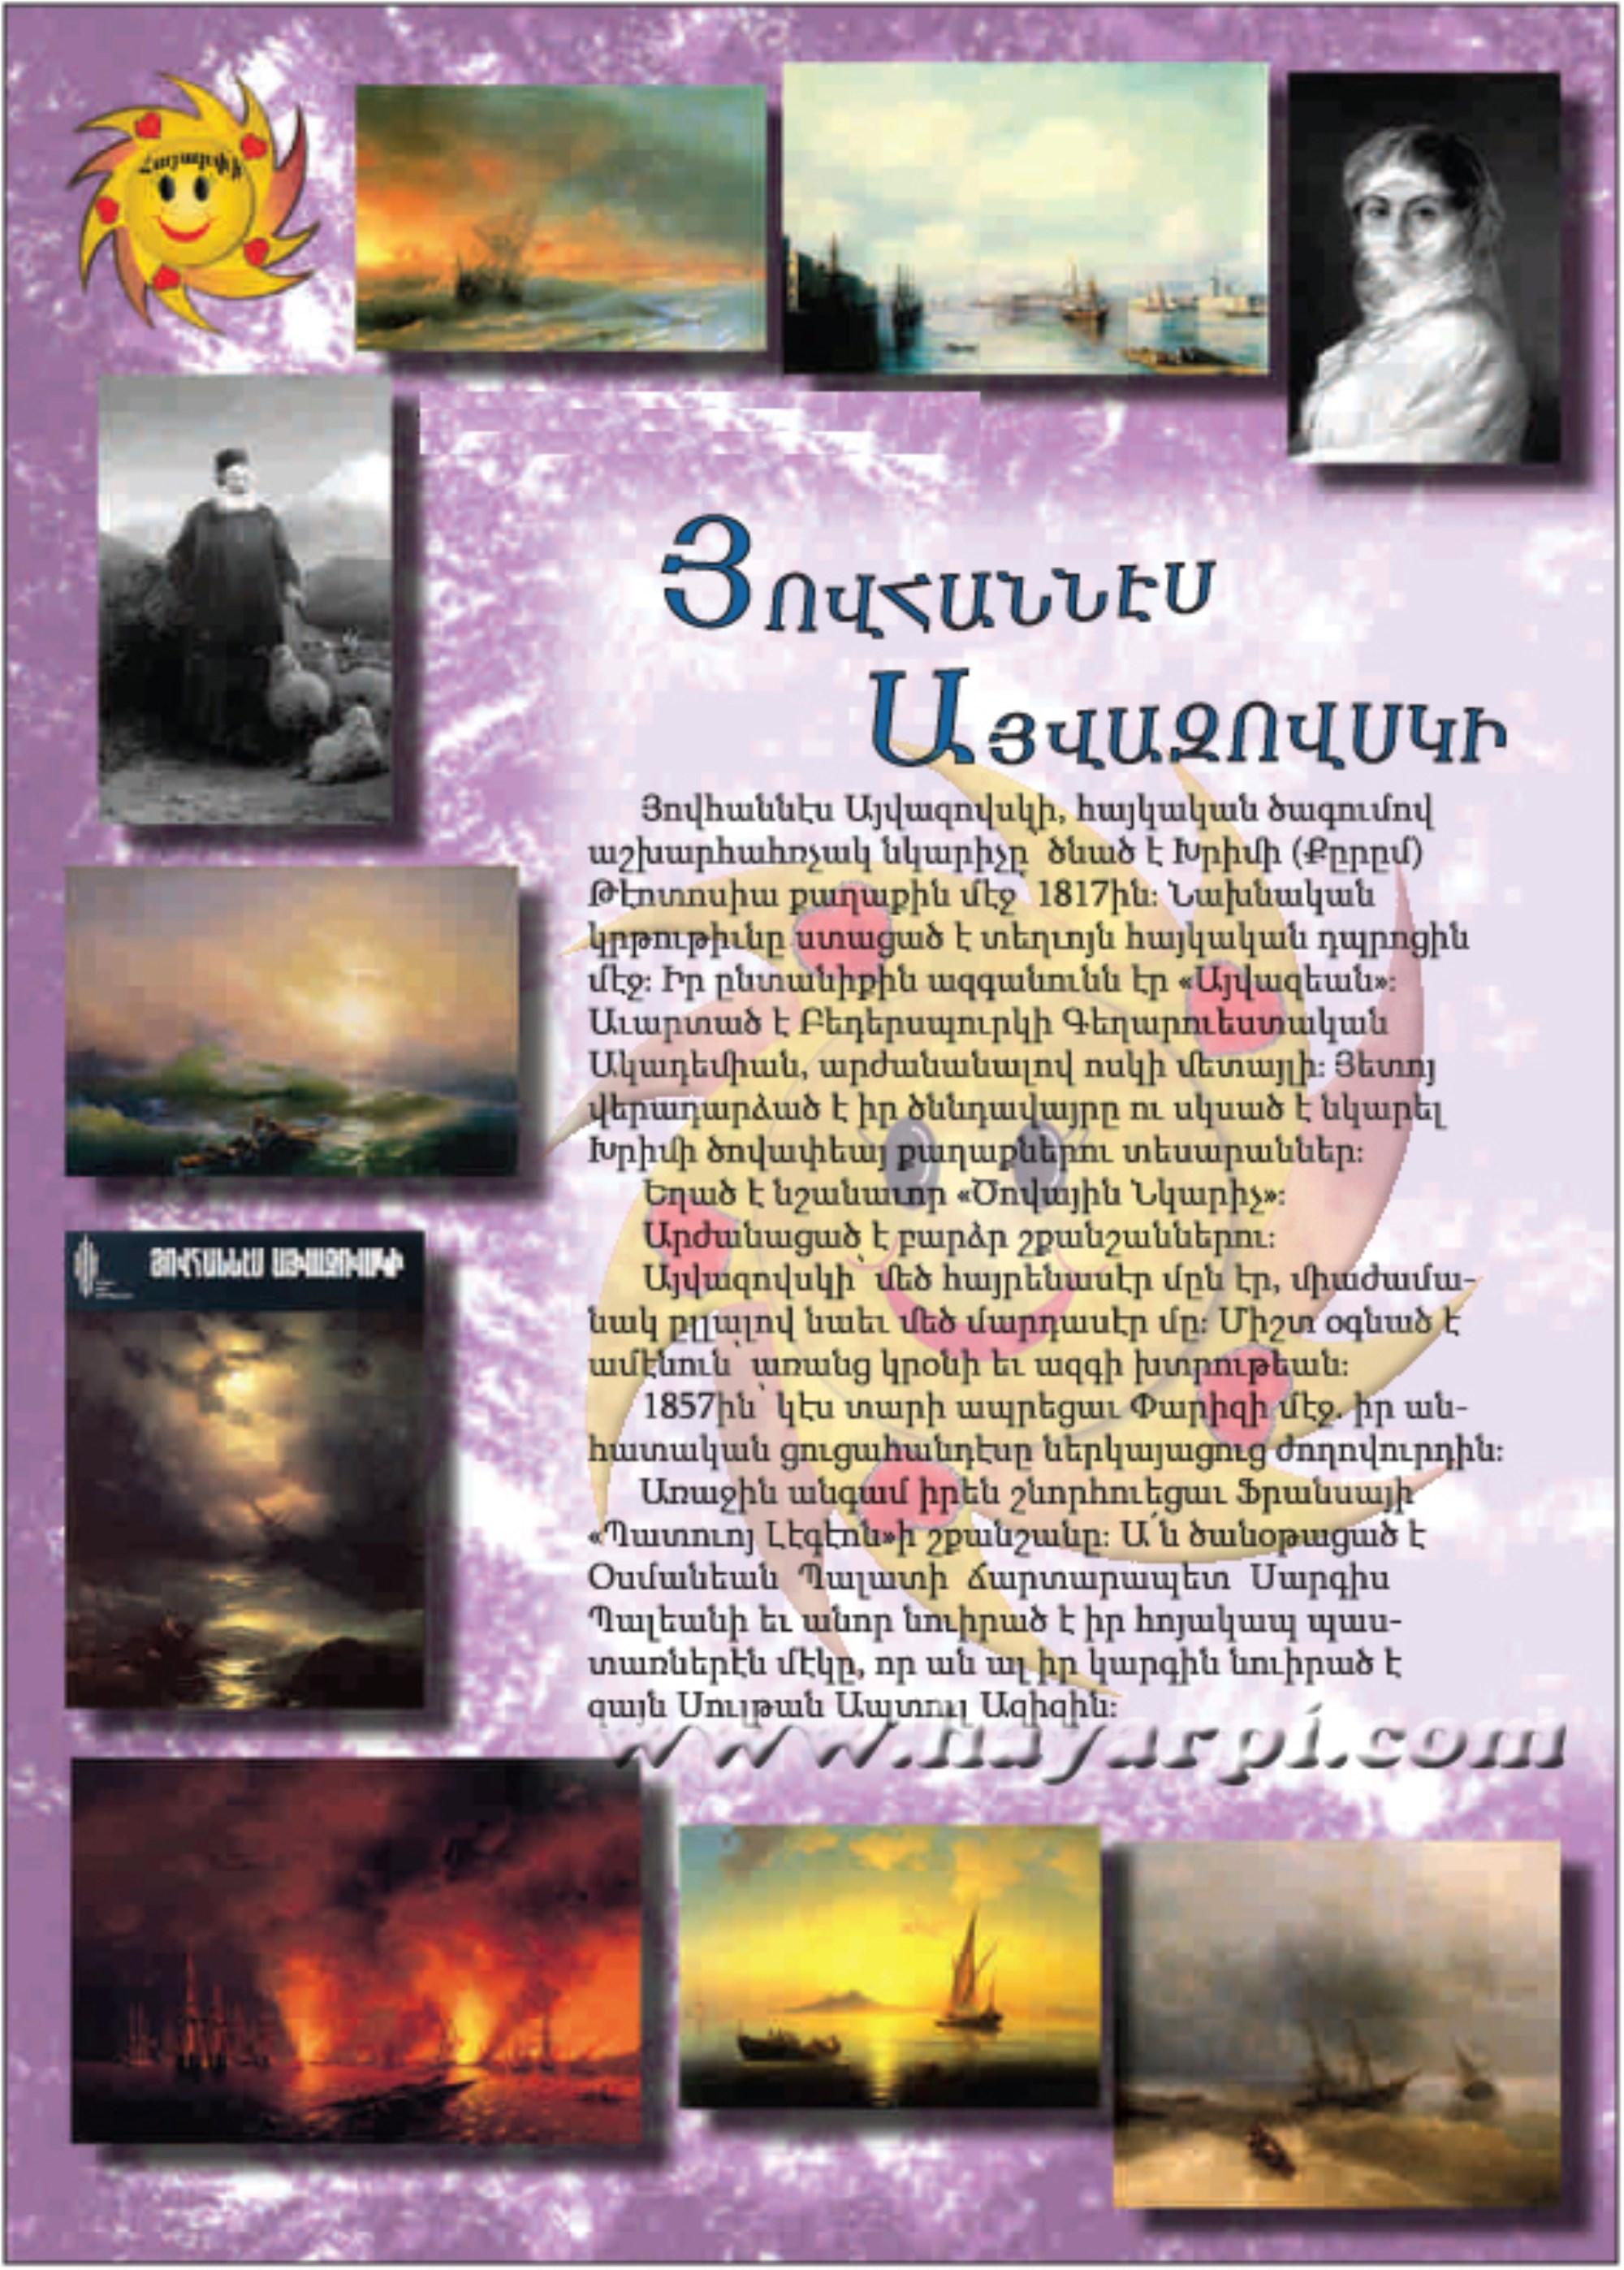 Ayvazovski 1 (ocak 2012) (2000 x 2795)